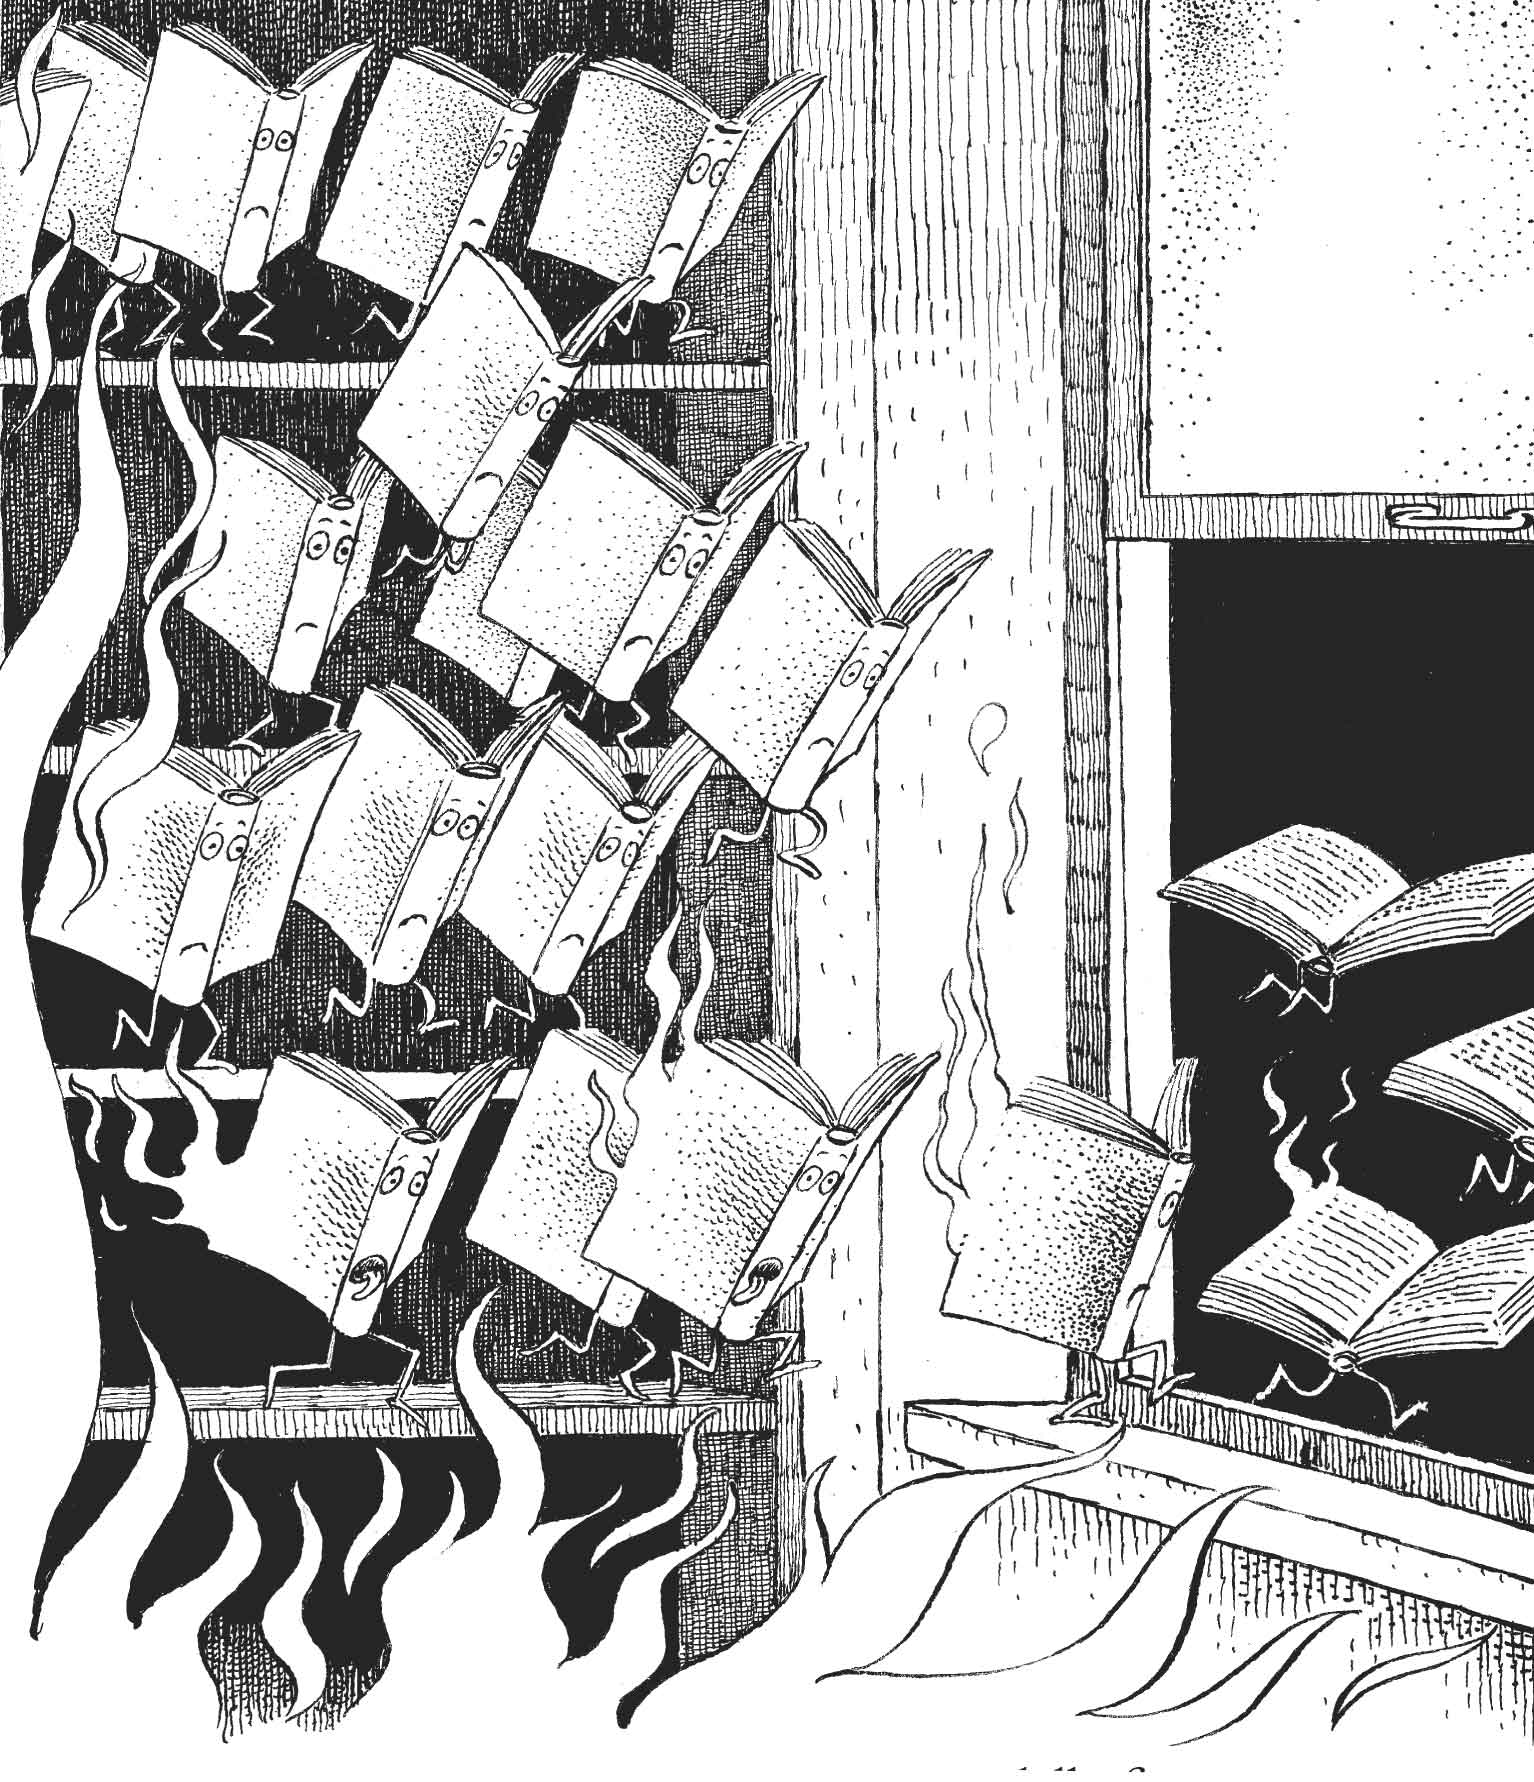 Lavatelli, Chi ha incendiato la biblioteca, libro illustrato per ragazzi, Interlinea edizioni